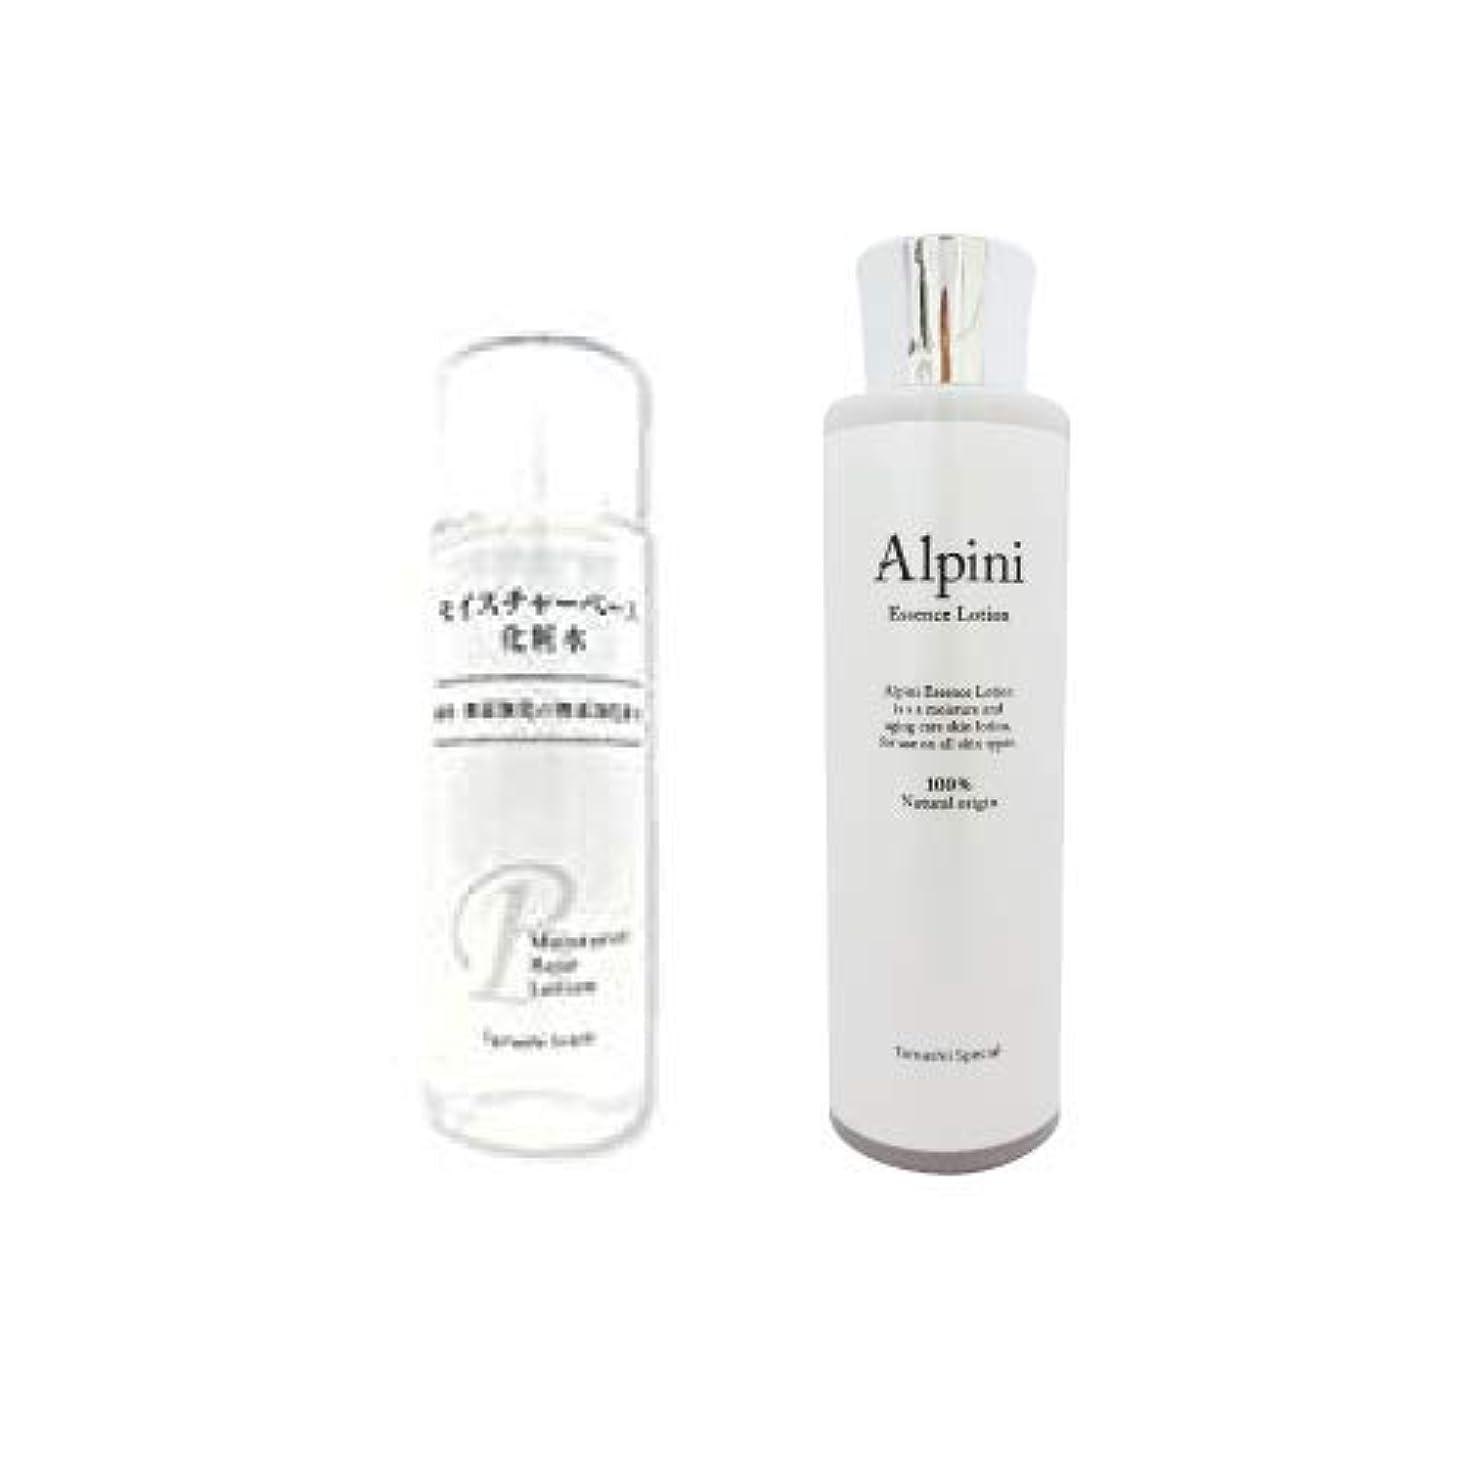 現実的調和アリスモイスチャーベース化粧水125ml+アルピ二エッセンスローション150mlセット 完全無添加高保湿化粧水セット